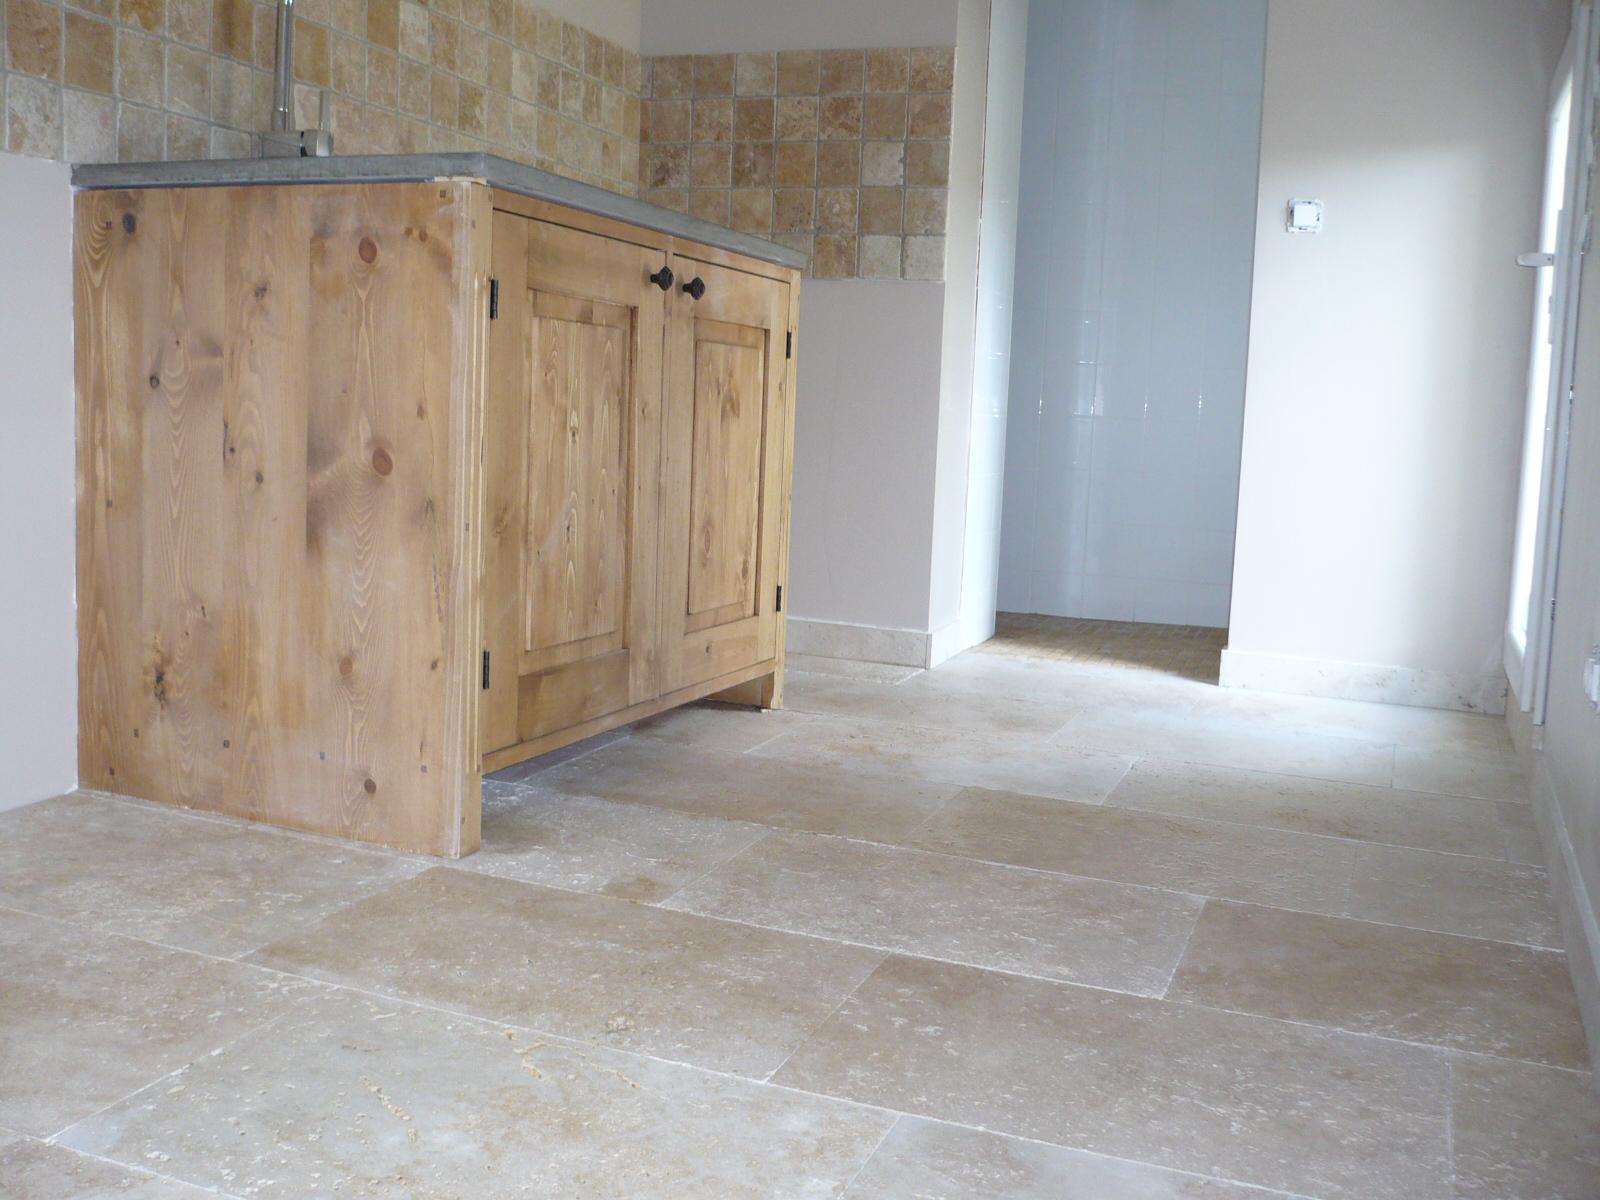 dallage en travertin beige. Black Bedroom Furniture Sets. Home Design Ideas